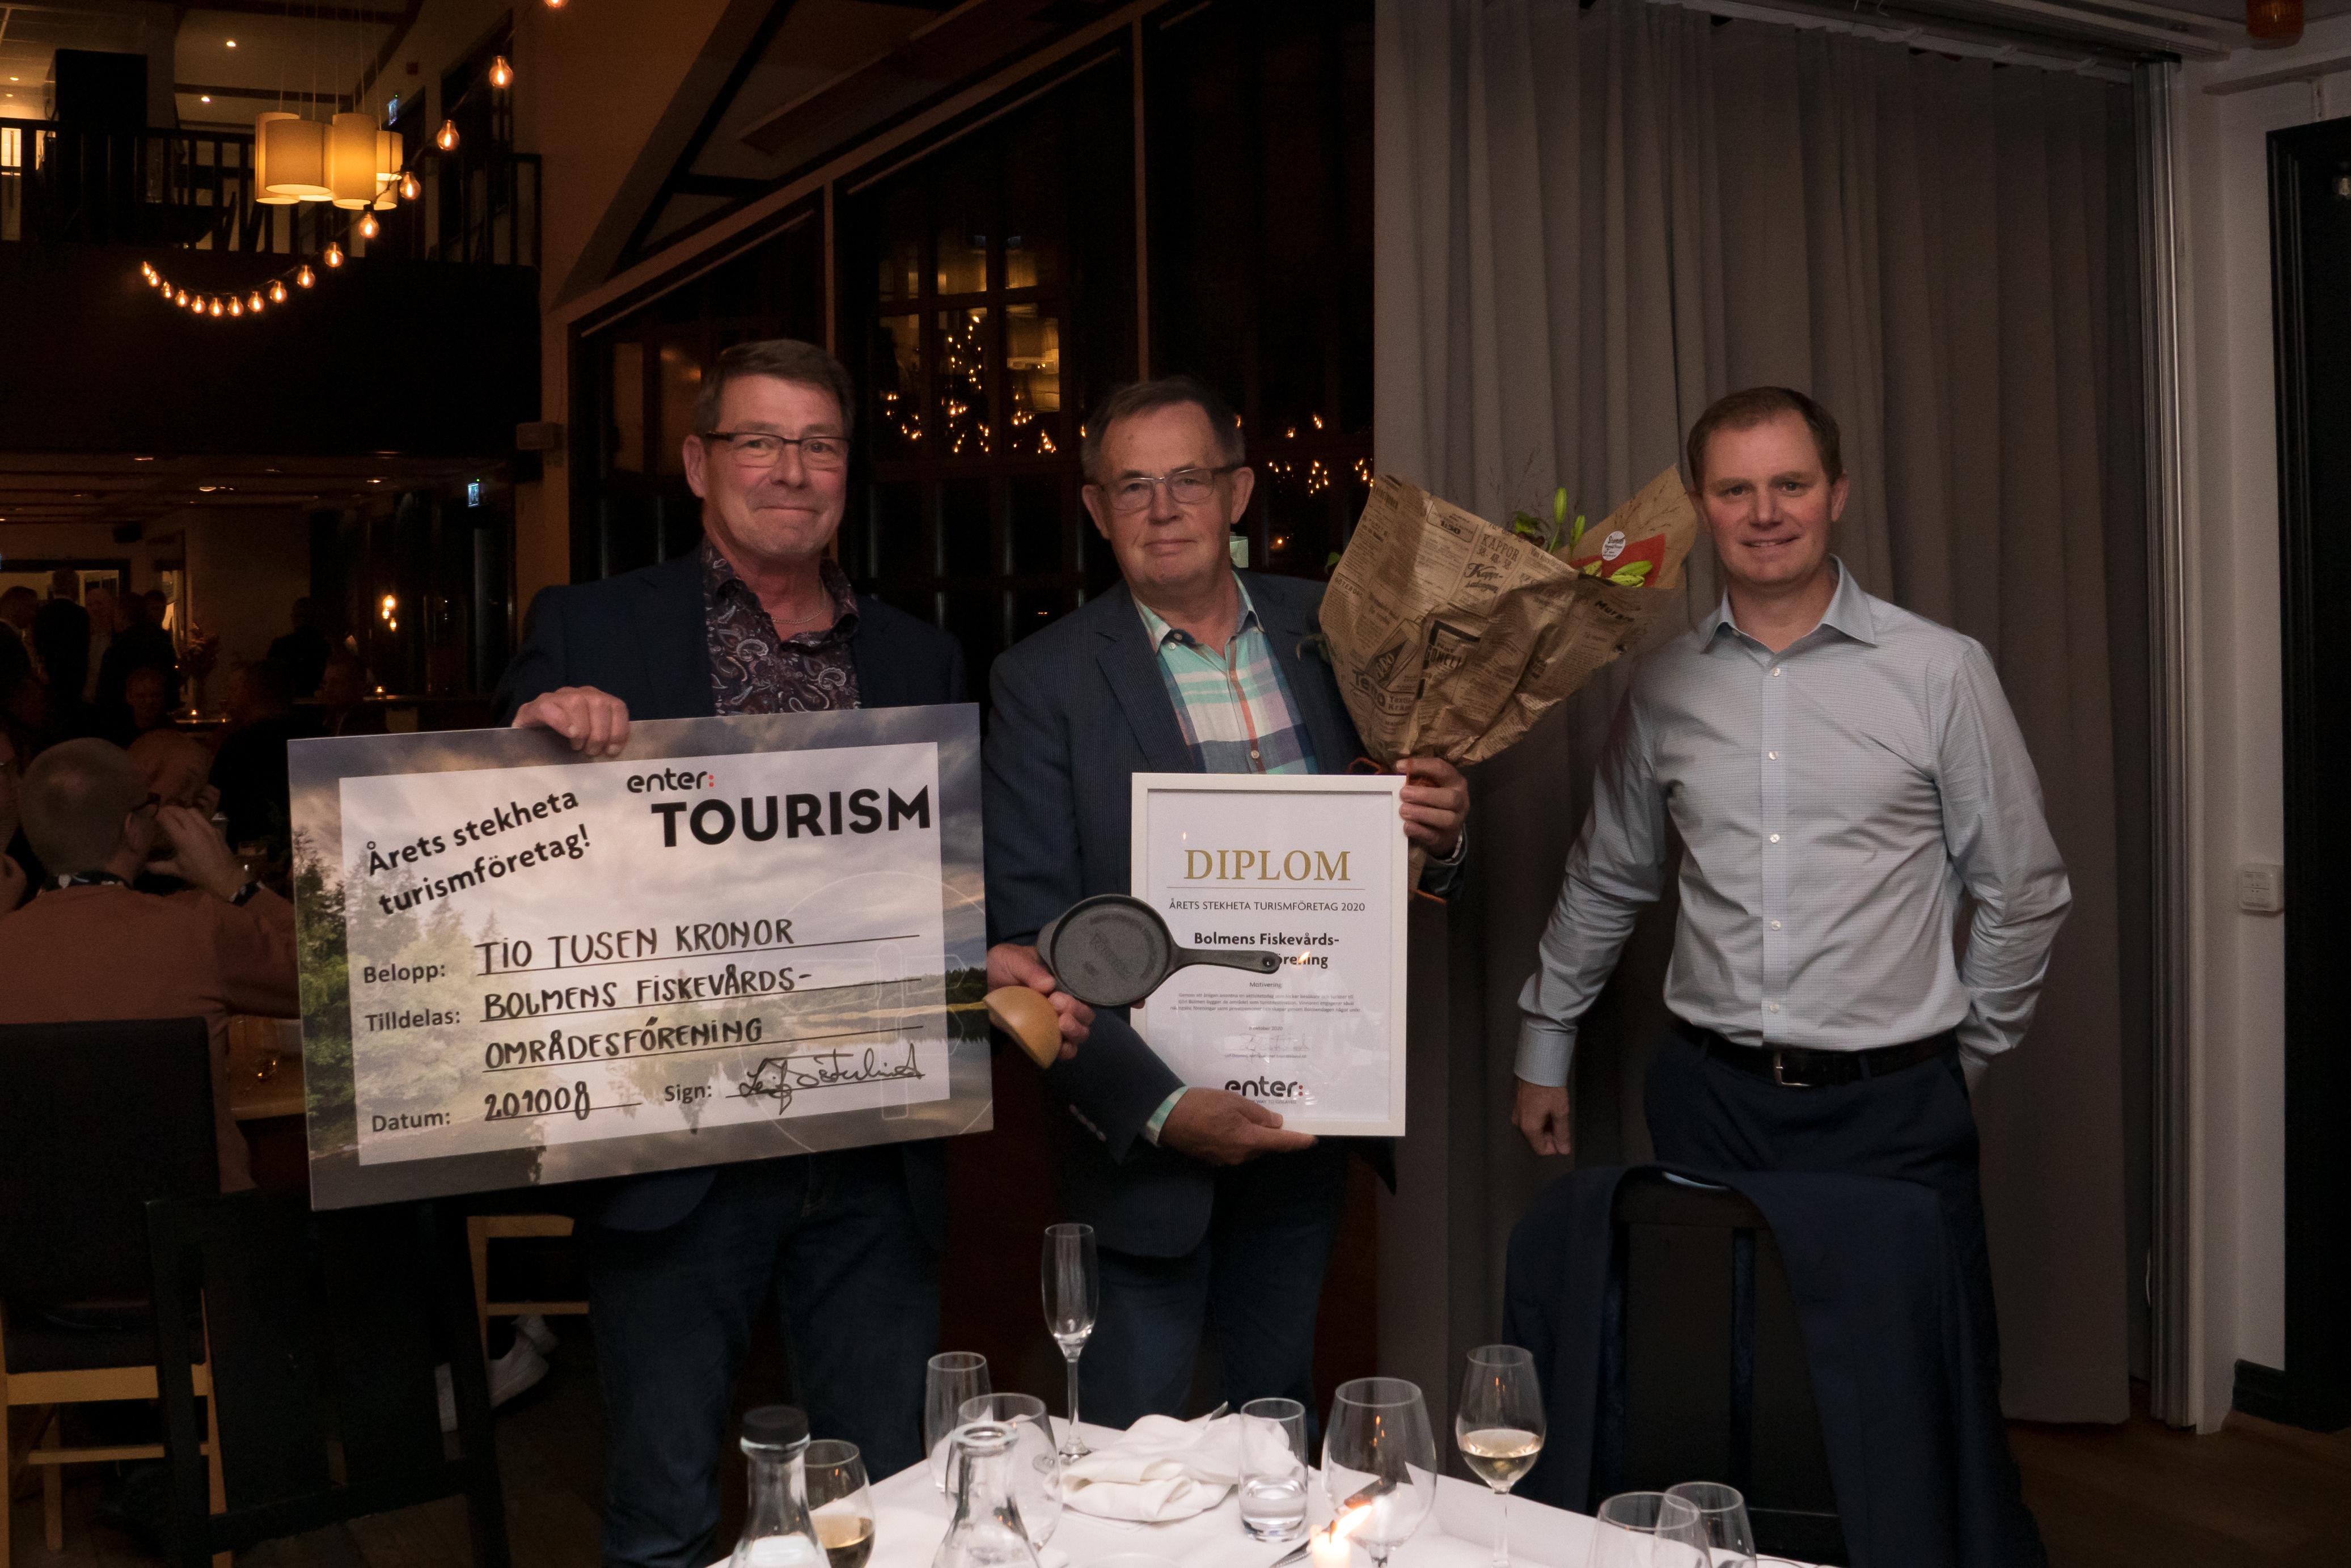 Årets turistpris - Bolmens Fiskevårdsområdesförening